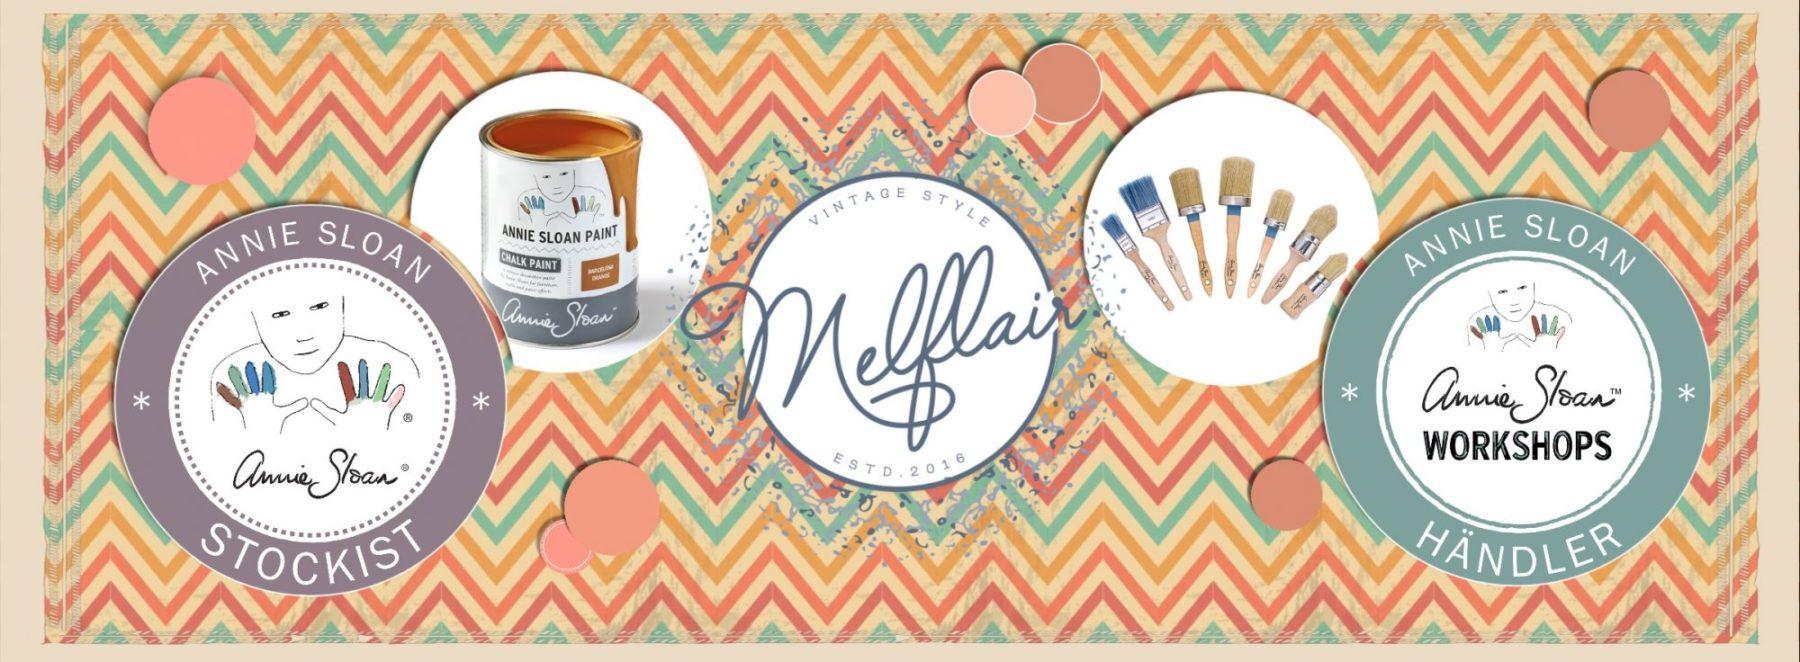 Melflair in Köln - Melflair Shop mit Annie Sloan Produkten